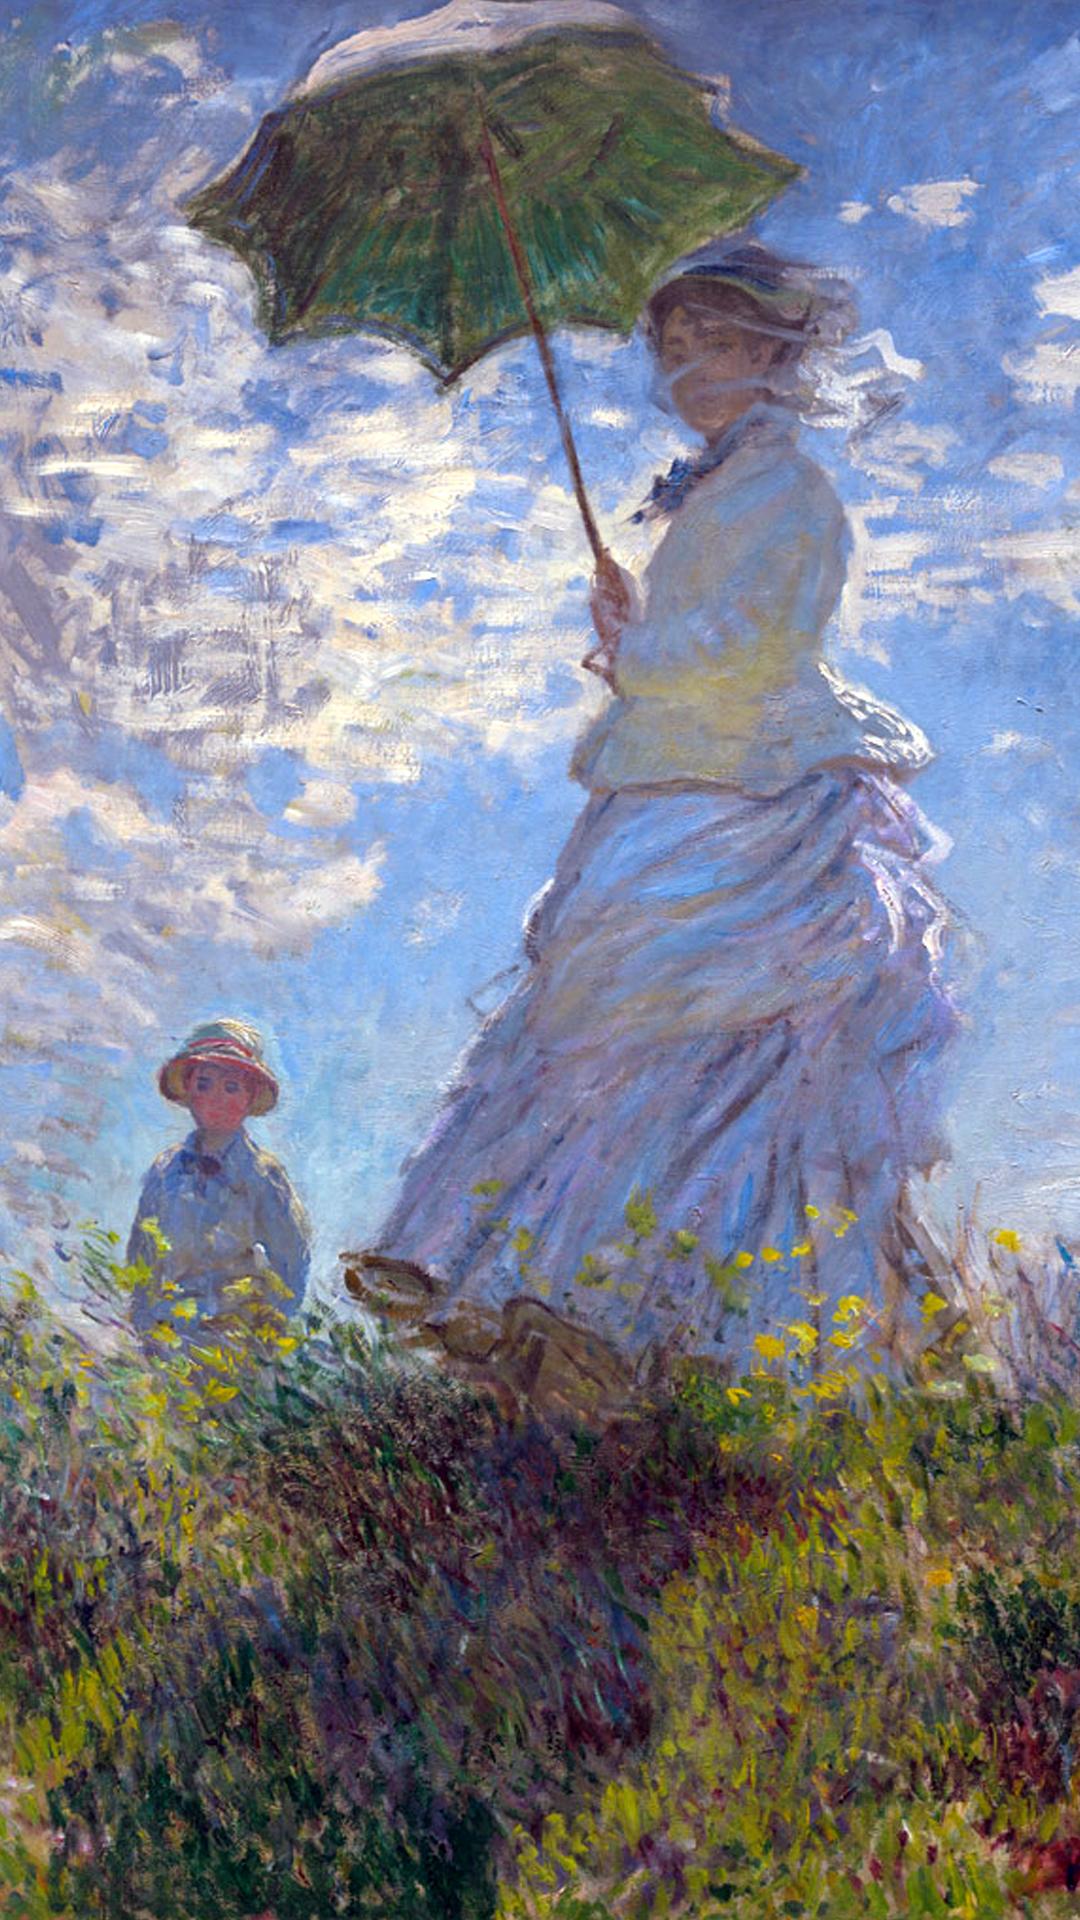 クロード モネ 日傘をさす女性 Pc スマートフォンの壁紙